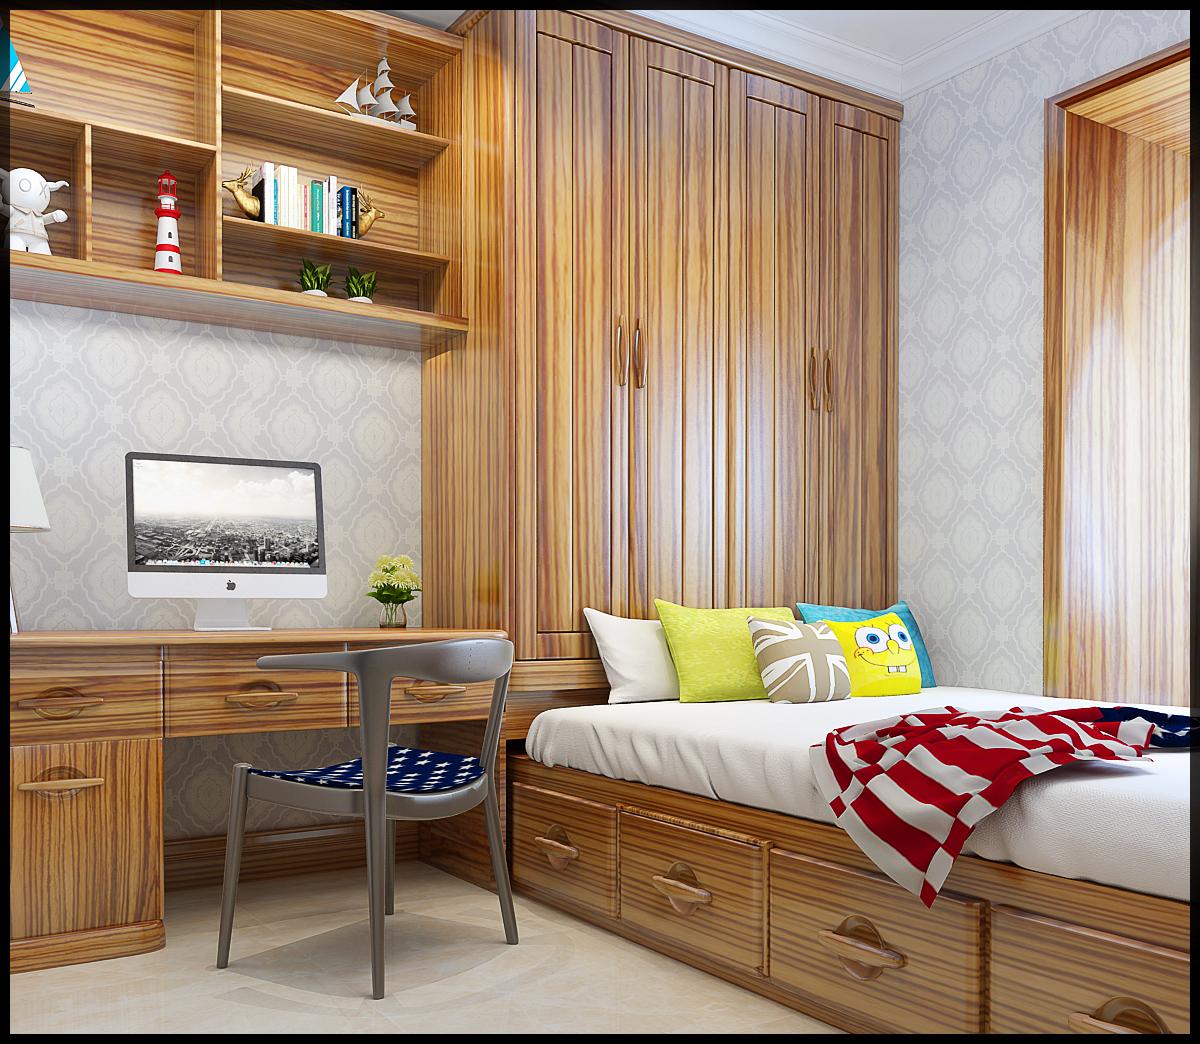 忻州新房装修用不用乳胶漆